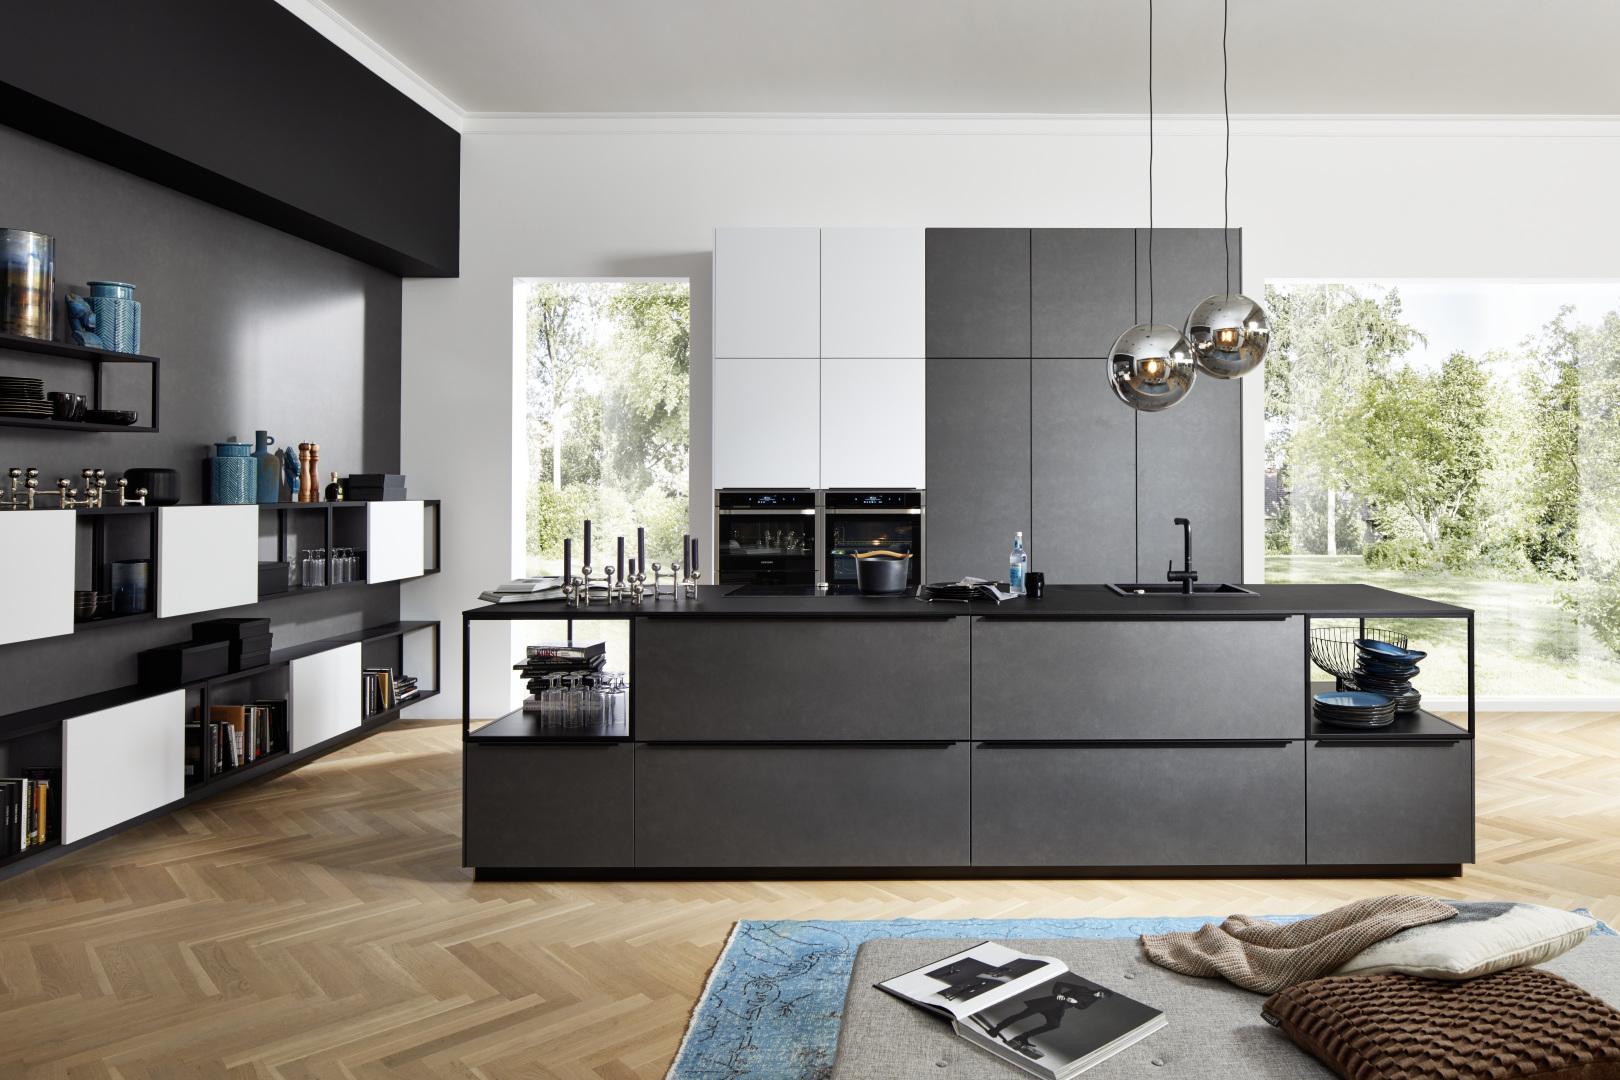 magnifique style contemporain avec salon et cuisine au design scandinave